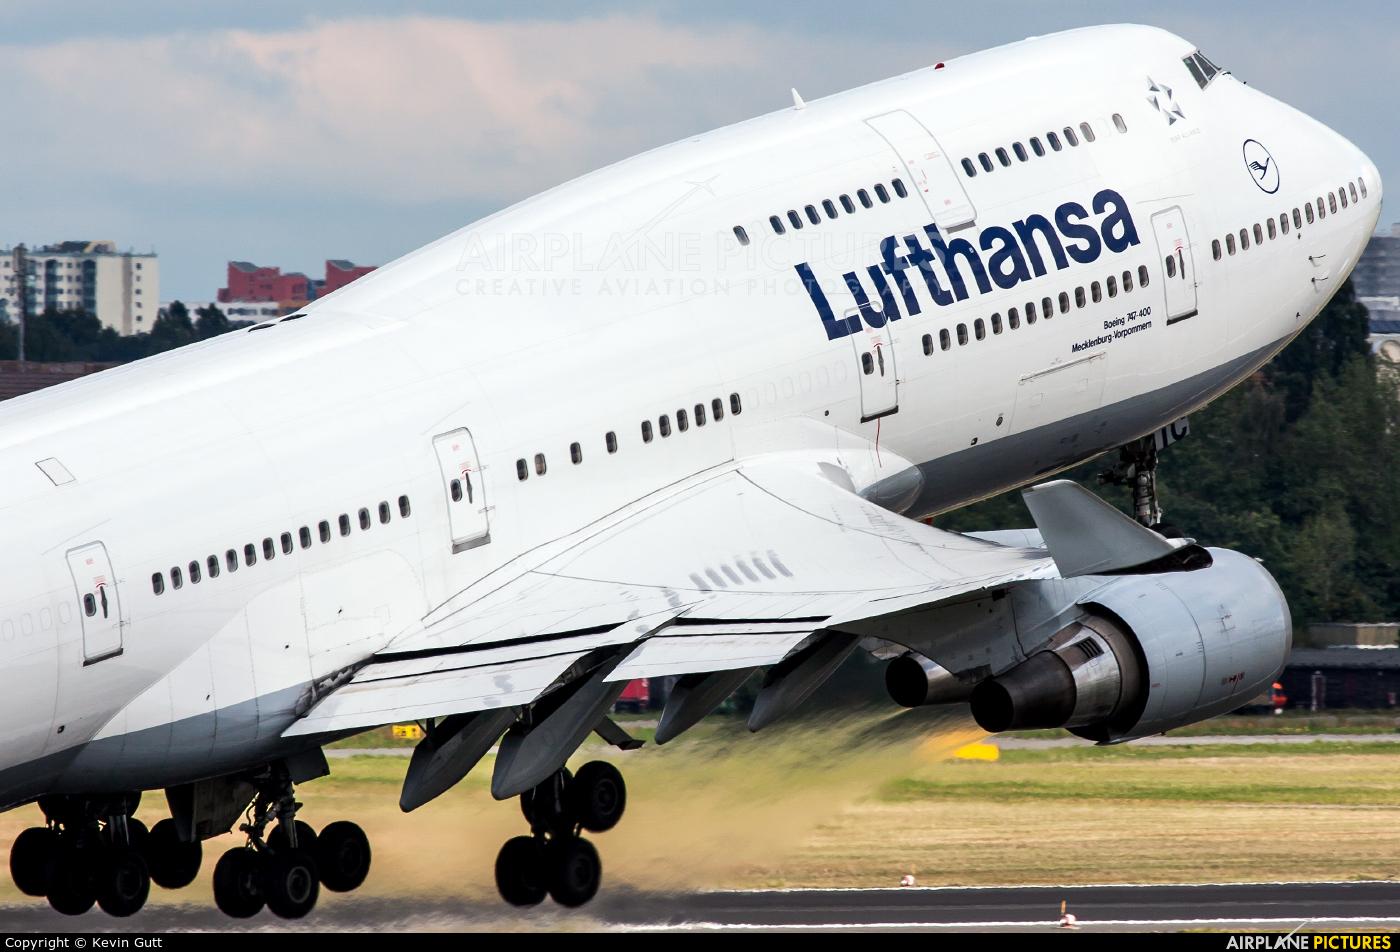 Lufthansa D-ABTC aircraft at Berlin - Tegel